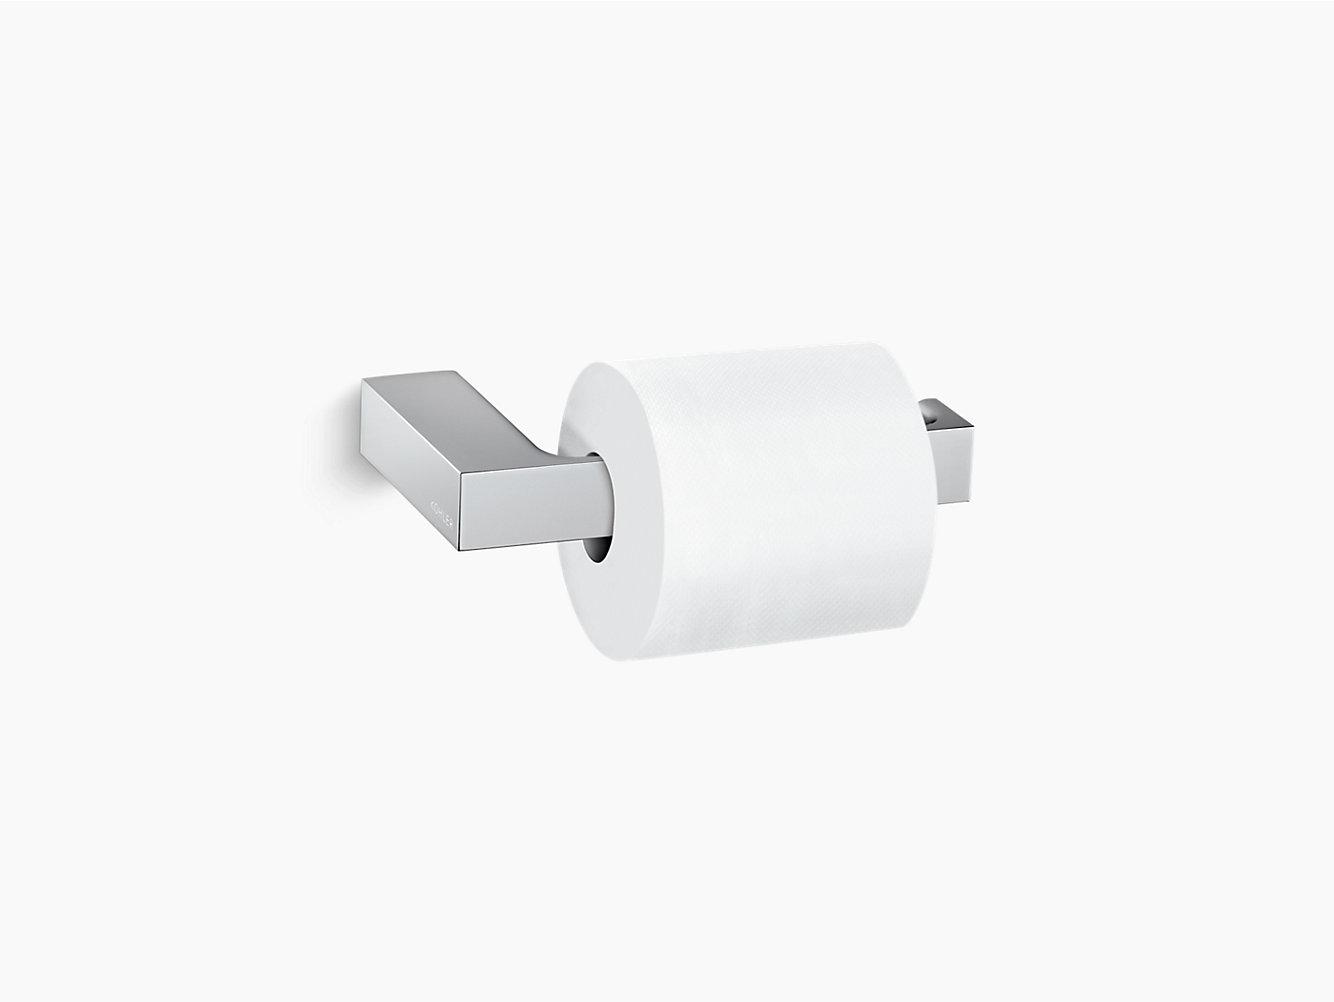 KOHLER | 37350M | Strayt toilet tissue holder